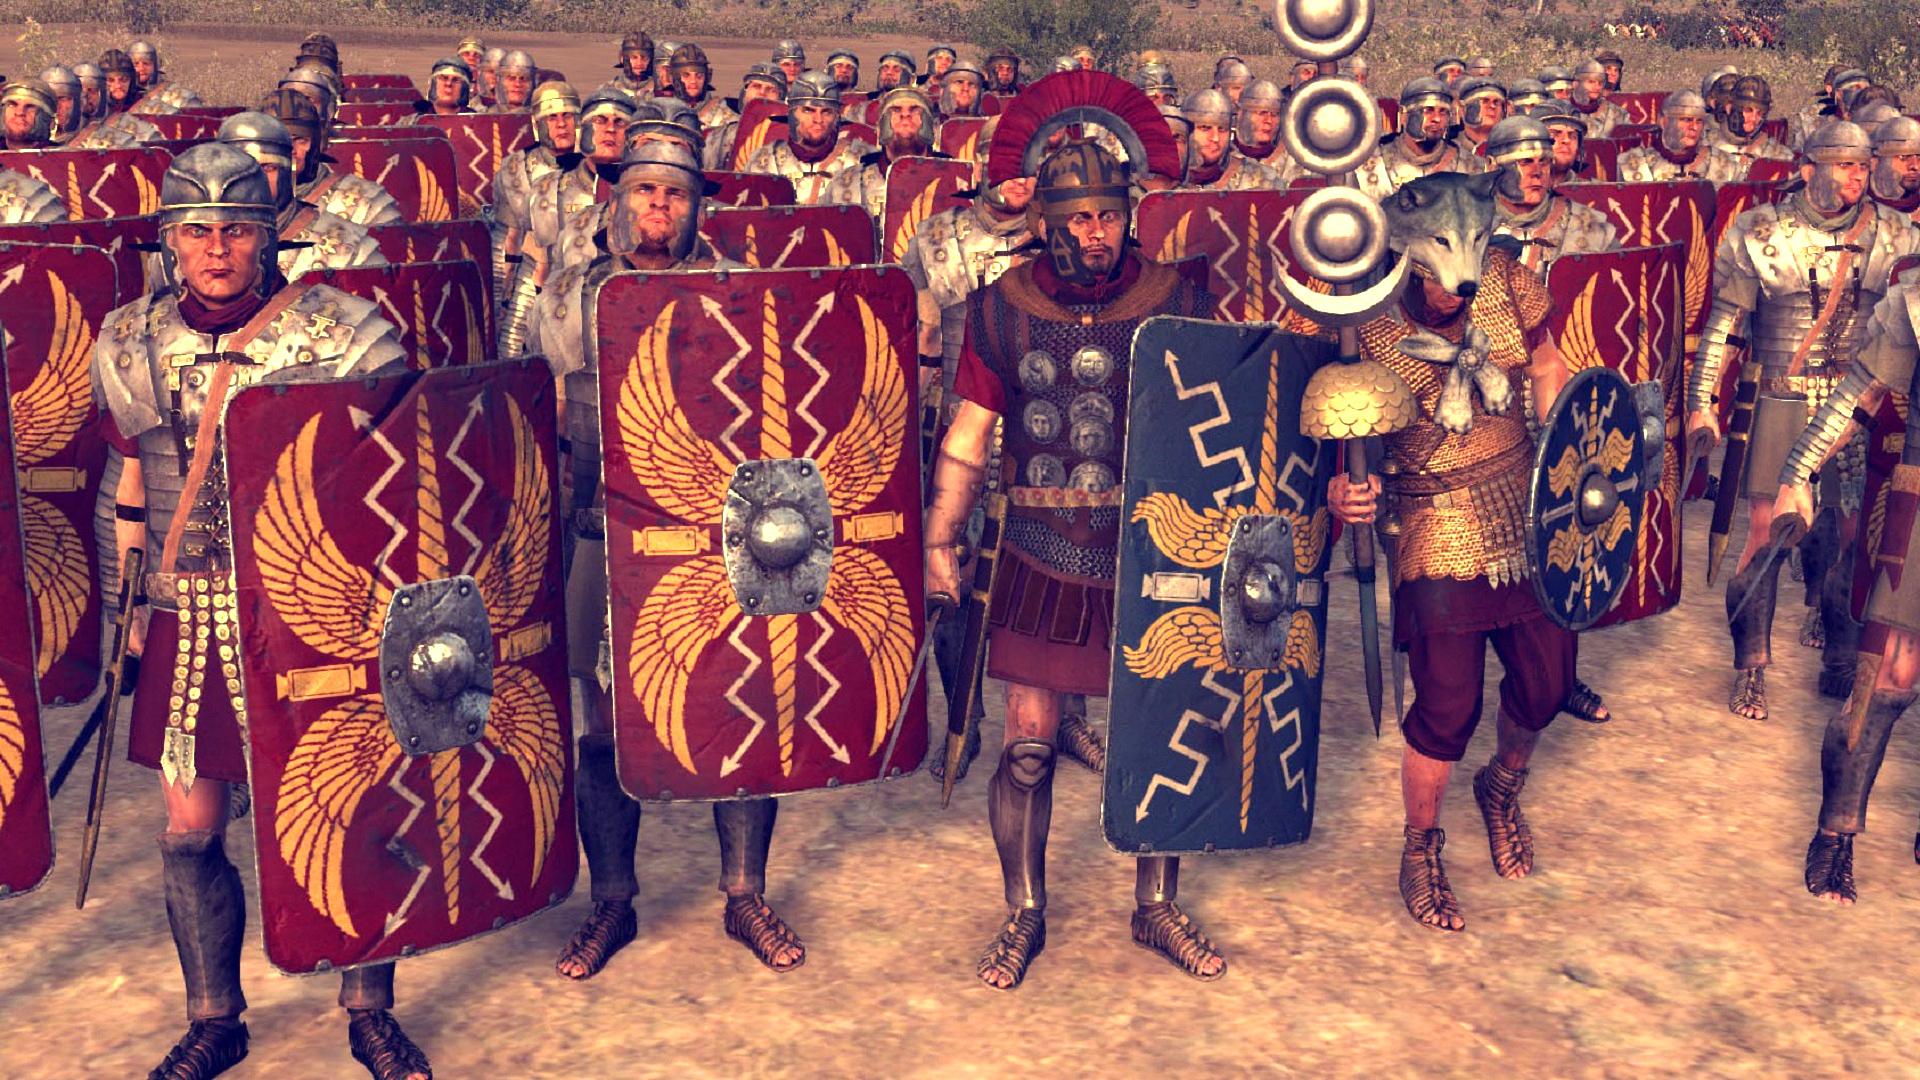 Popular Total War: Rome 2 mod Divide et Impera gets major update